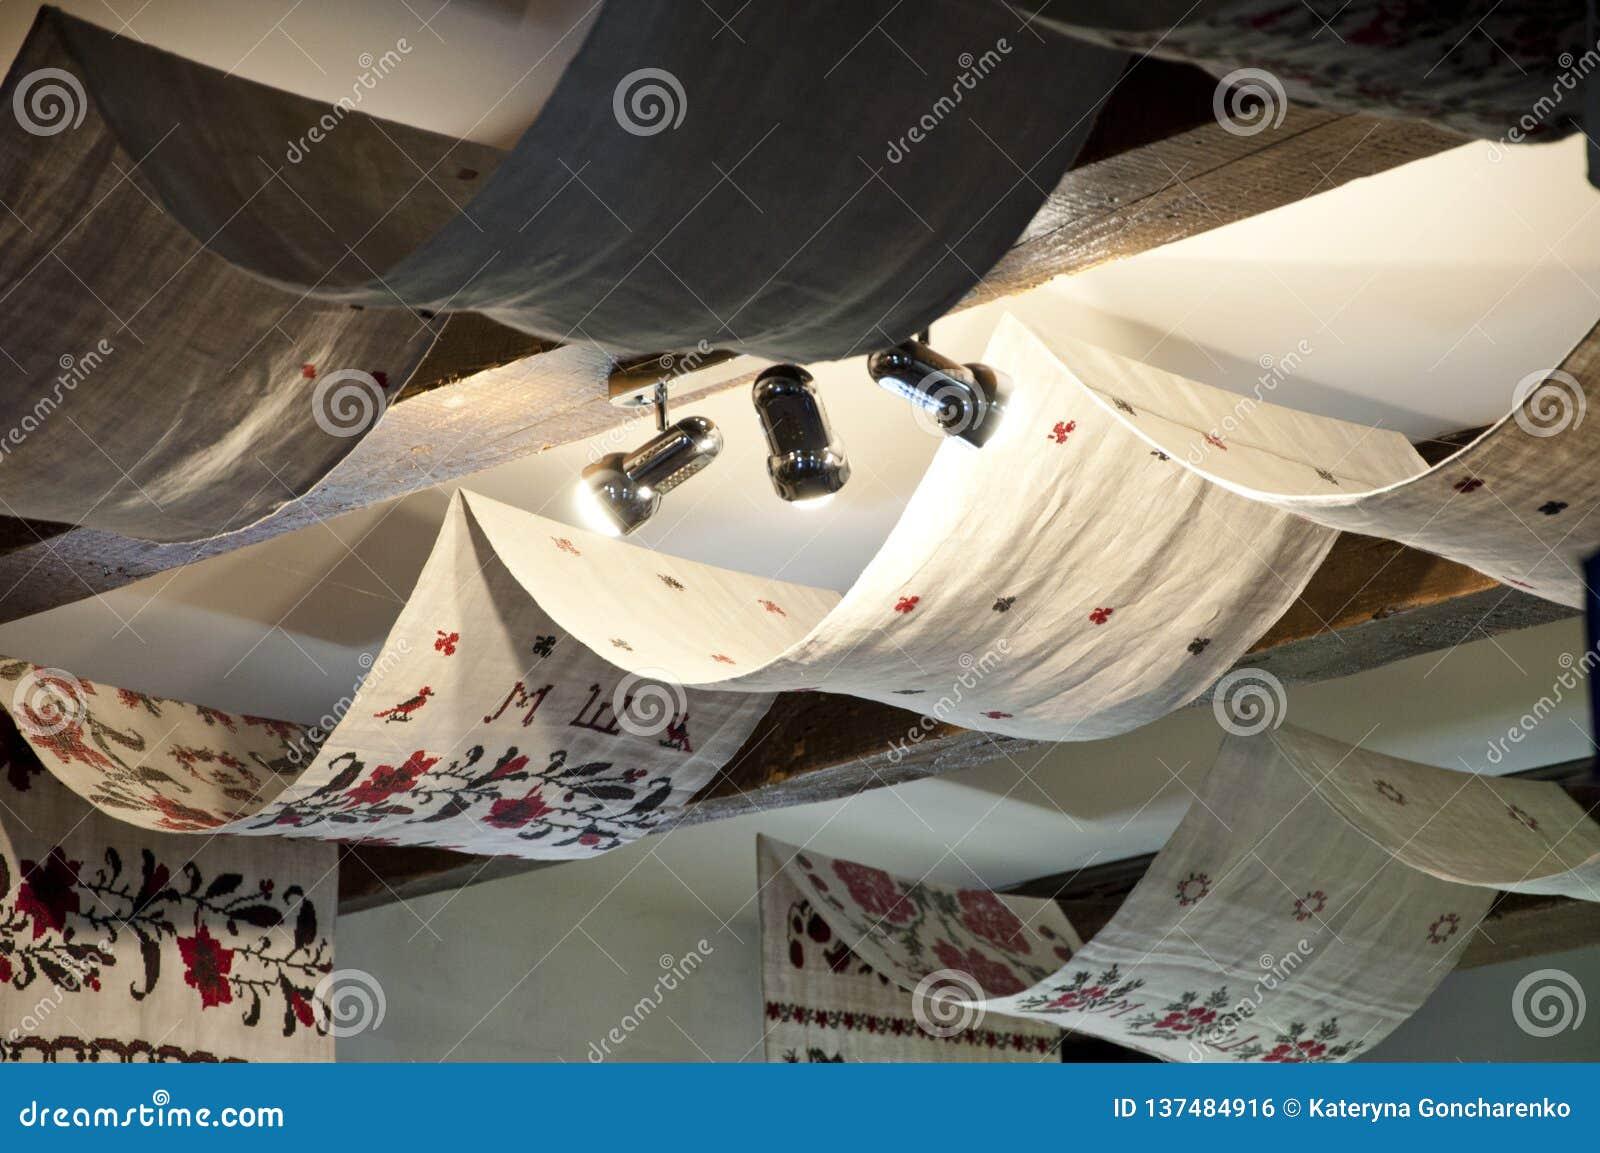 Lino del bordado Techo del haz con la materia textil y las lámparas cubiertas Pañería del techo con las toallas bordadas Viejo